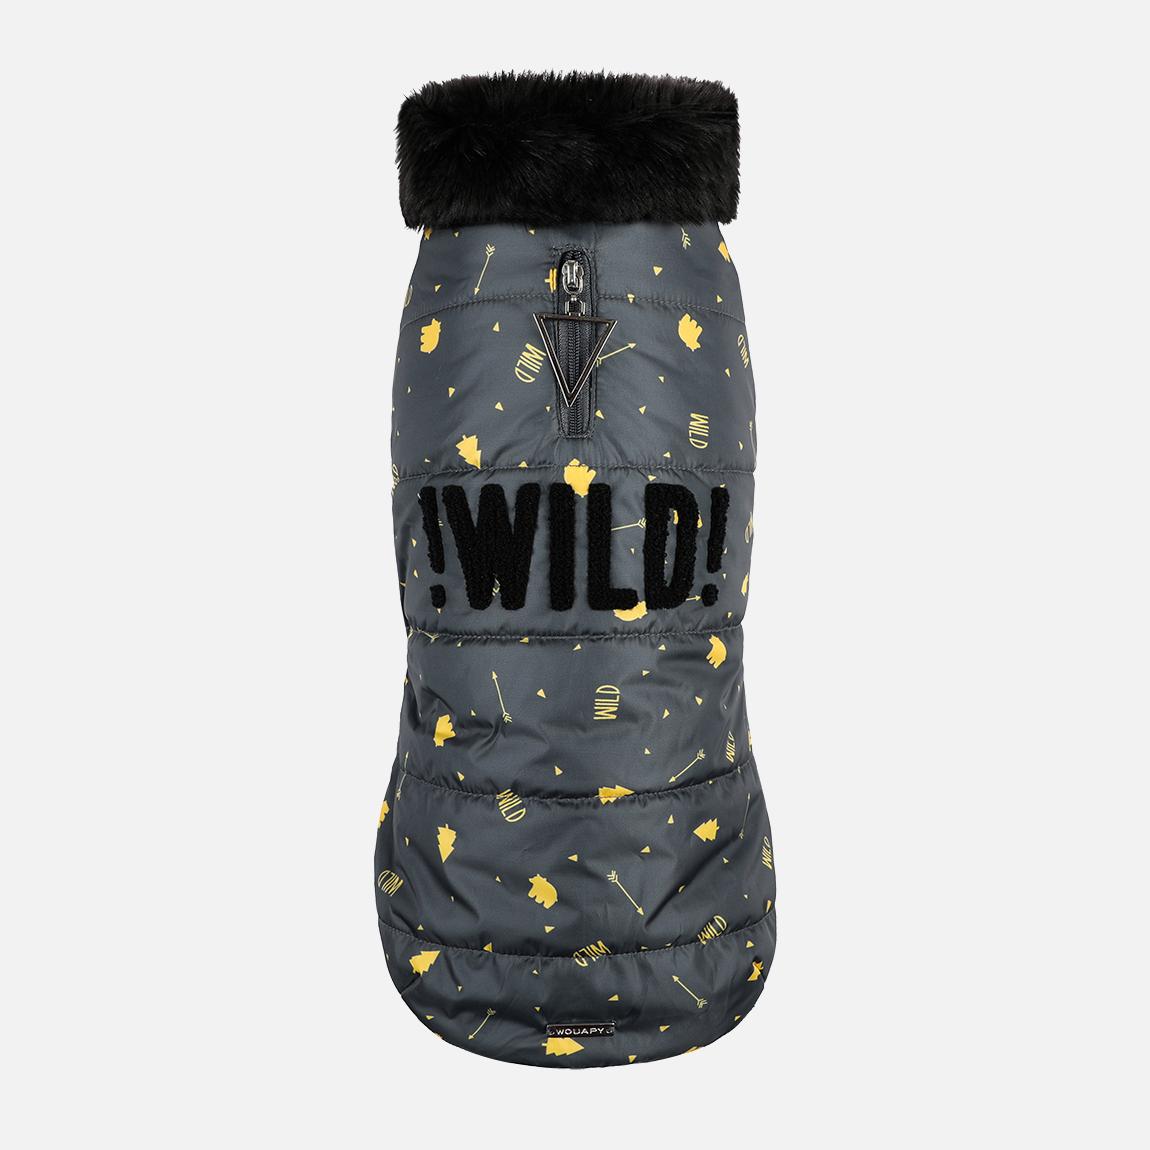 Manteaux fantaisies wild gris par Wouapy